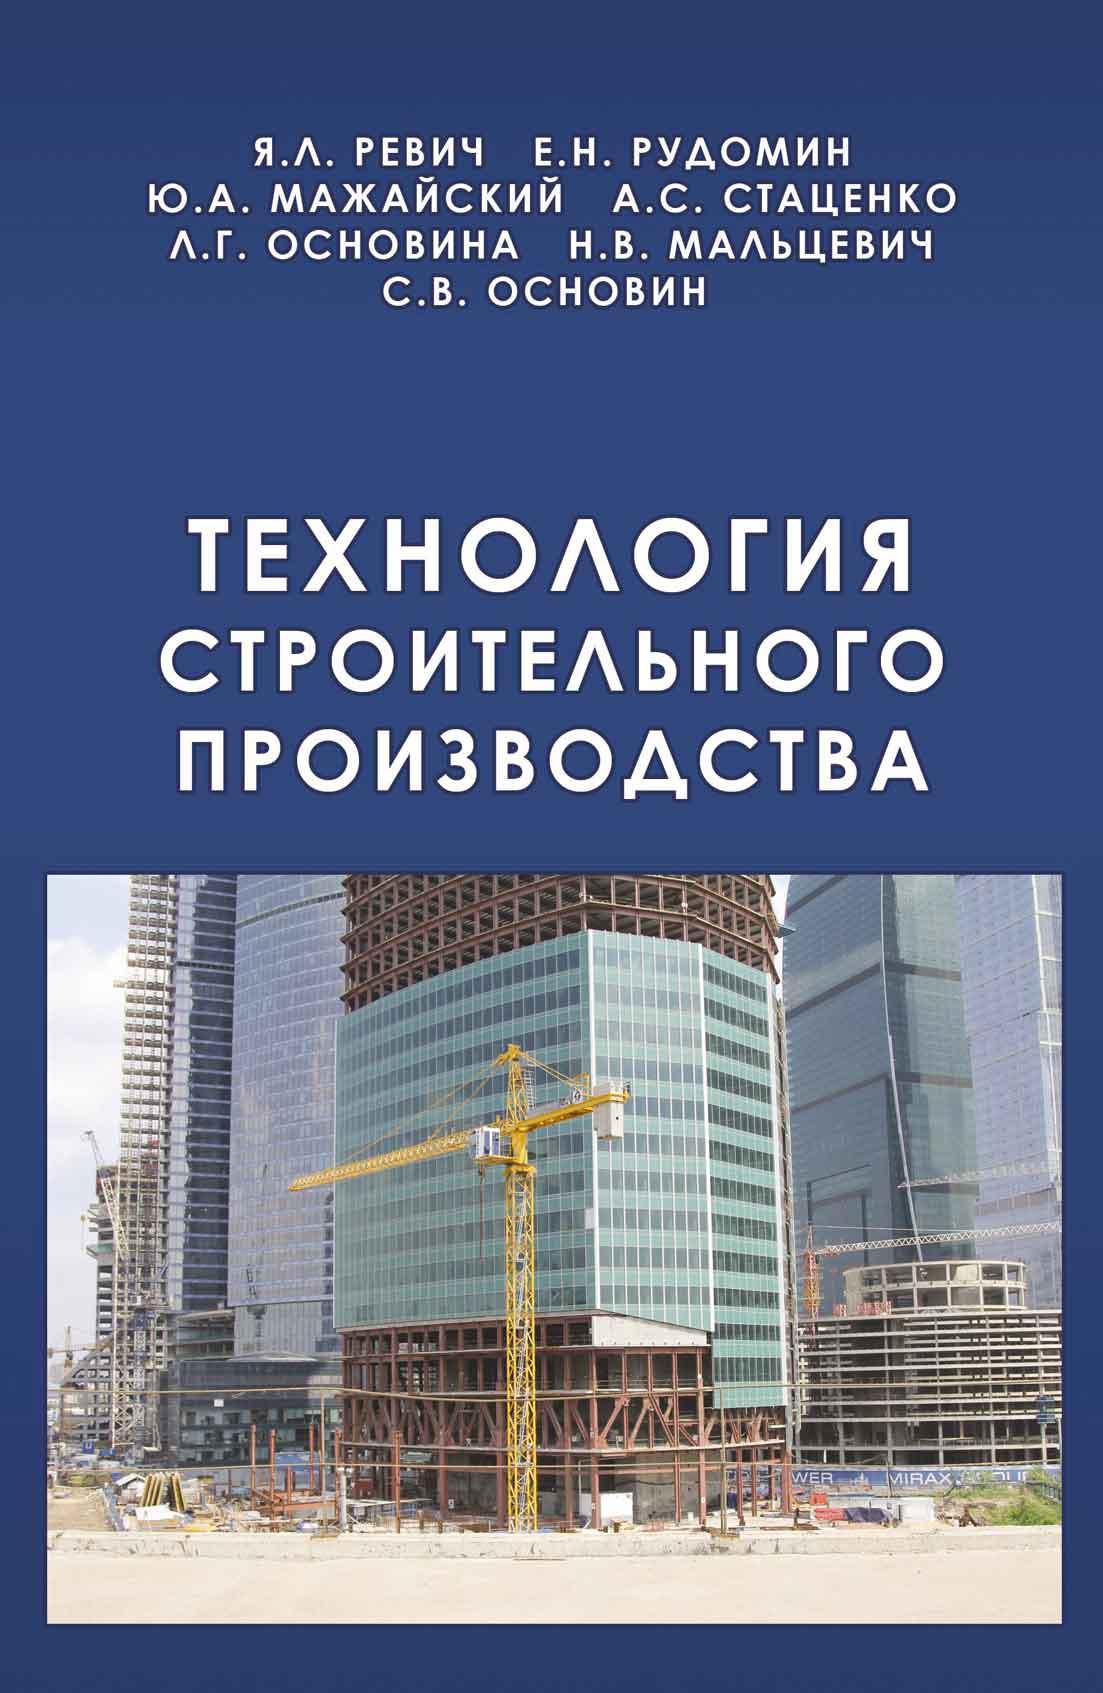 А. C. Стаценко Технология строительного производства сборщиков с алексанин а управление отходами строительного производства isbn 9785914181878